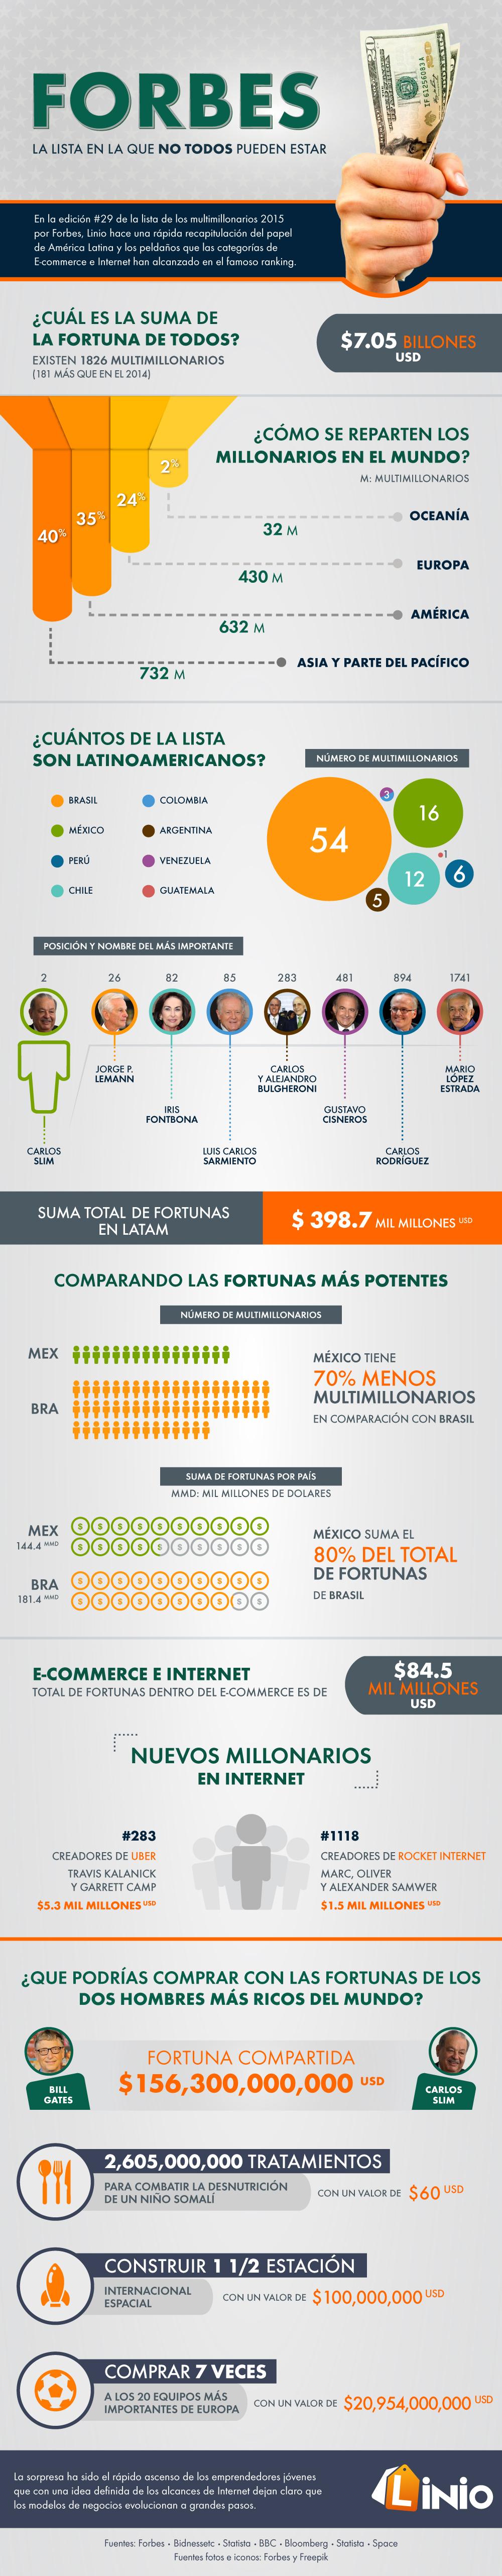 Forbes-Infografía-1000